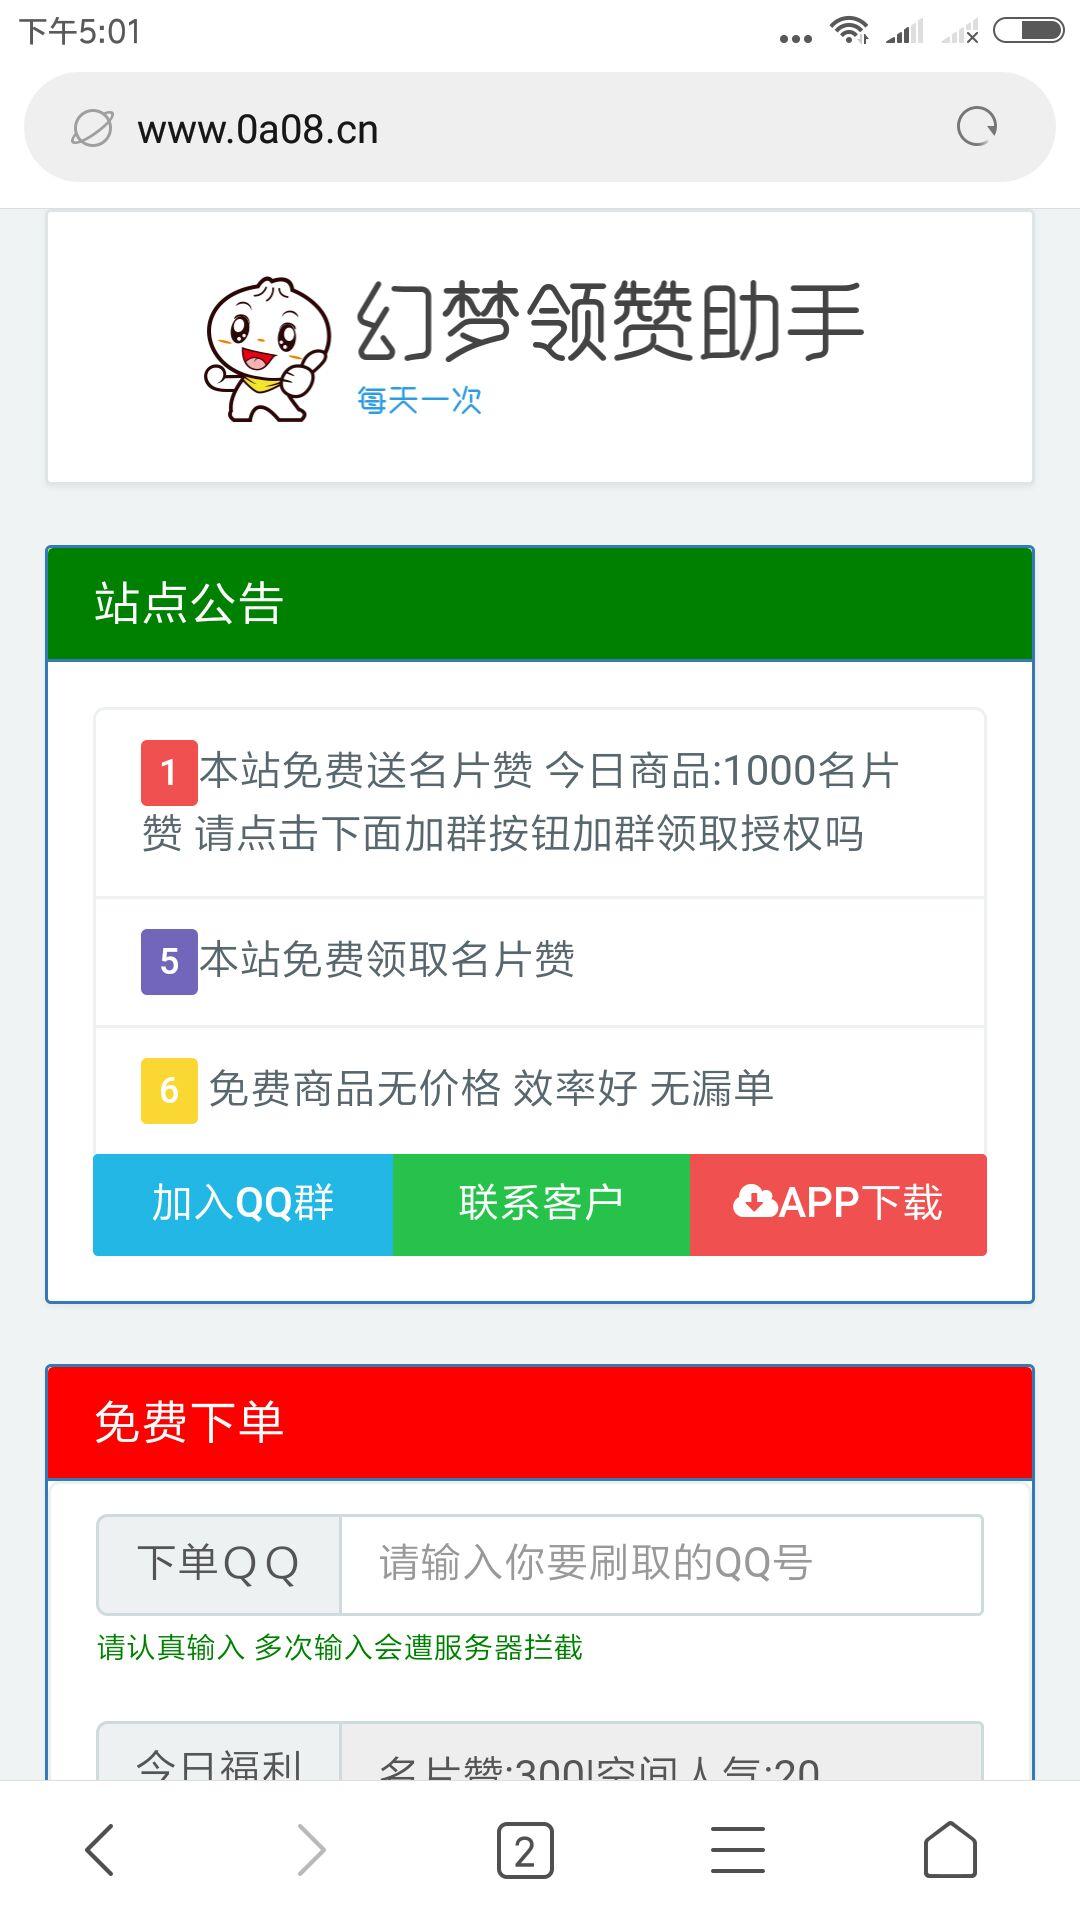 幻梦领赞助手网页版源码(可对接社区)引流必备!